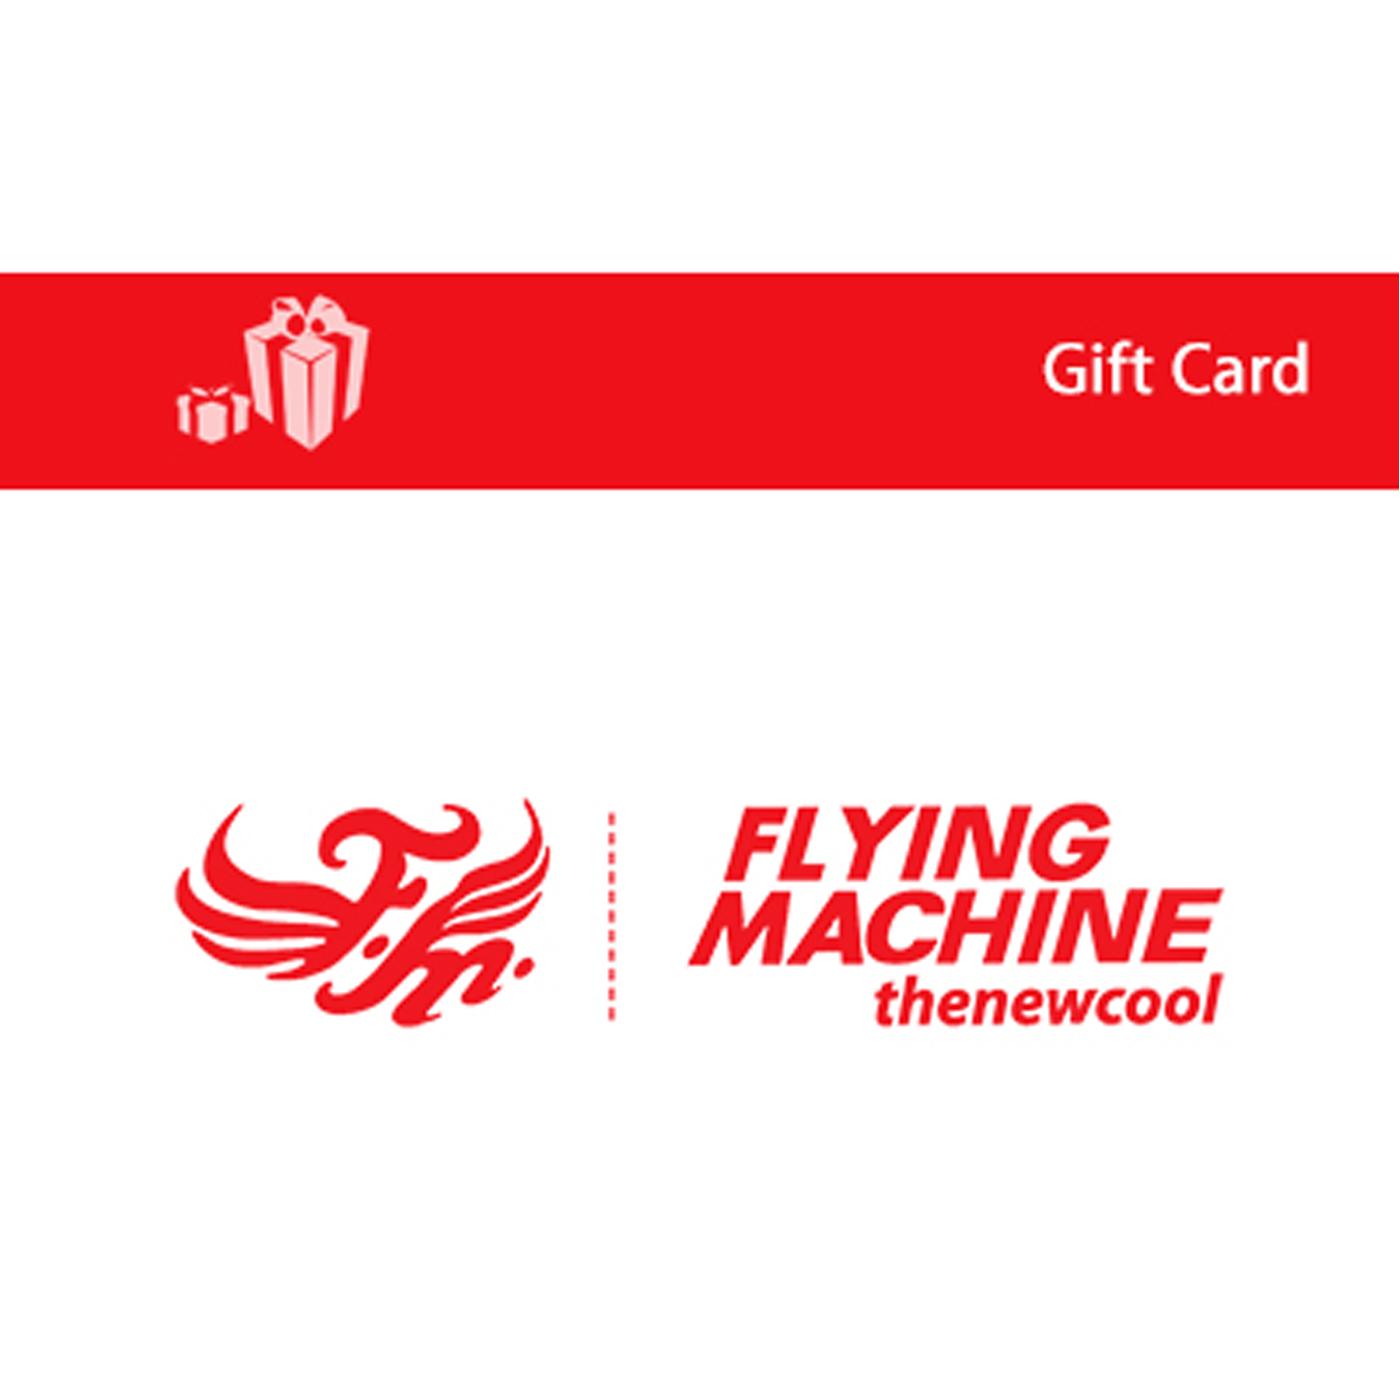 Flying Machine E-Gift Card